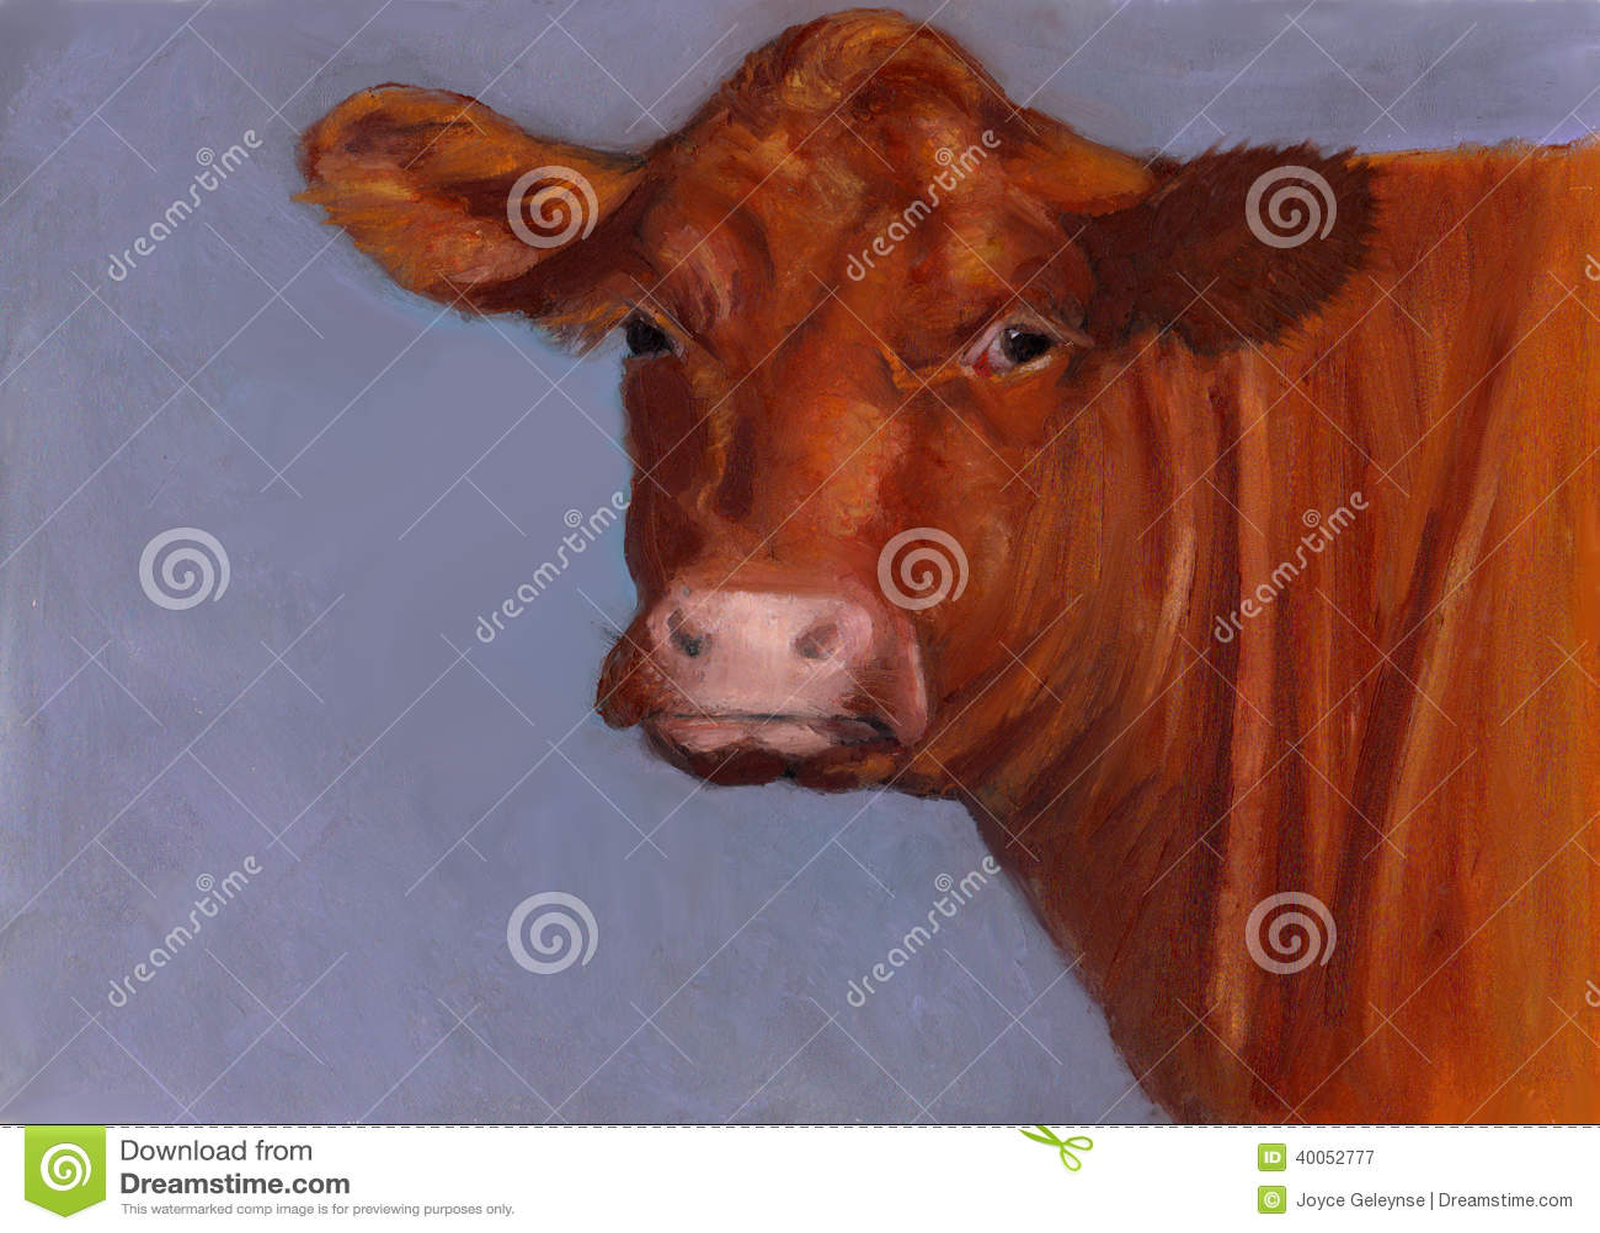 Steak Portrait Oil Painting